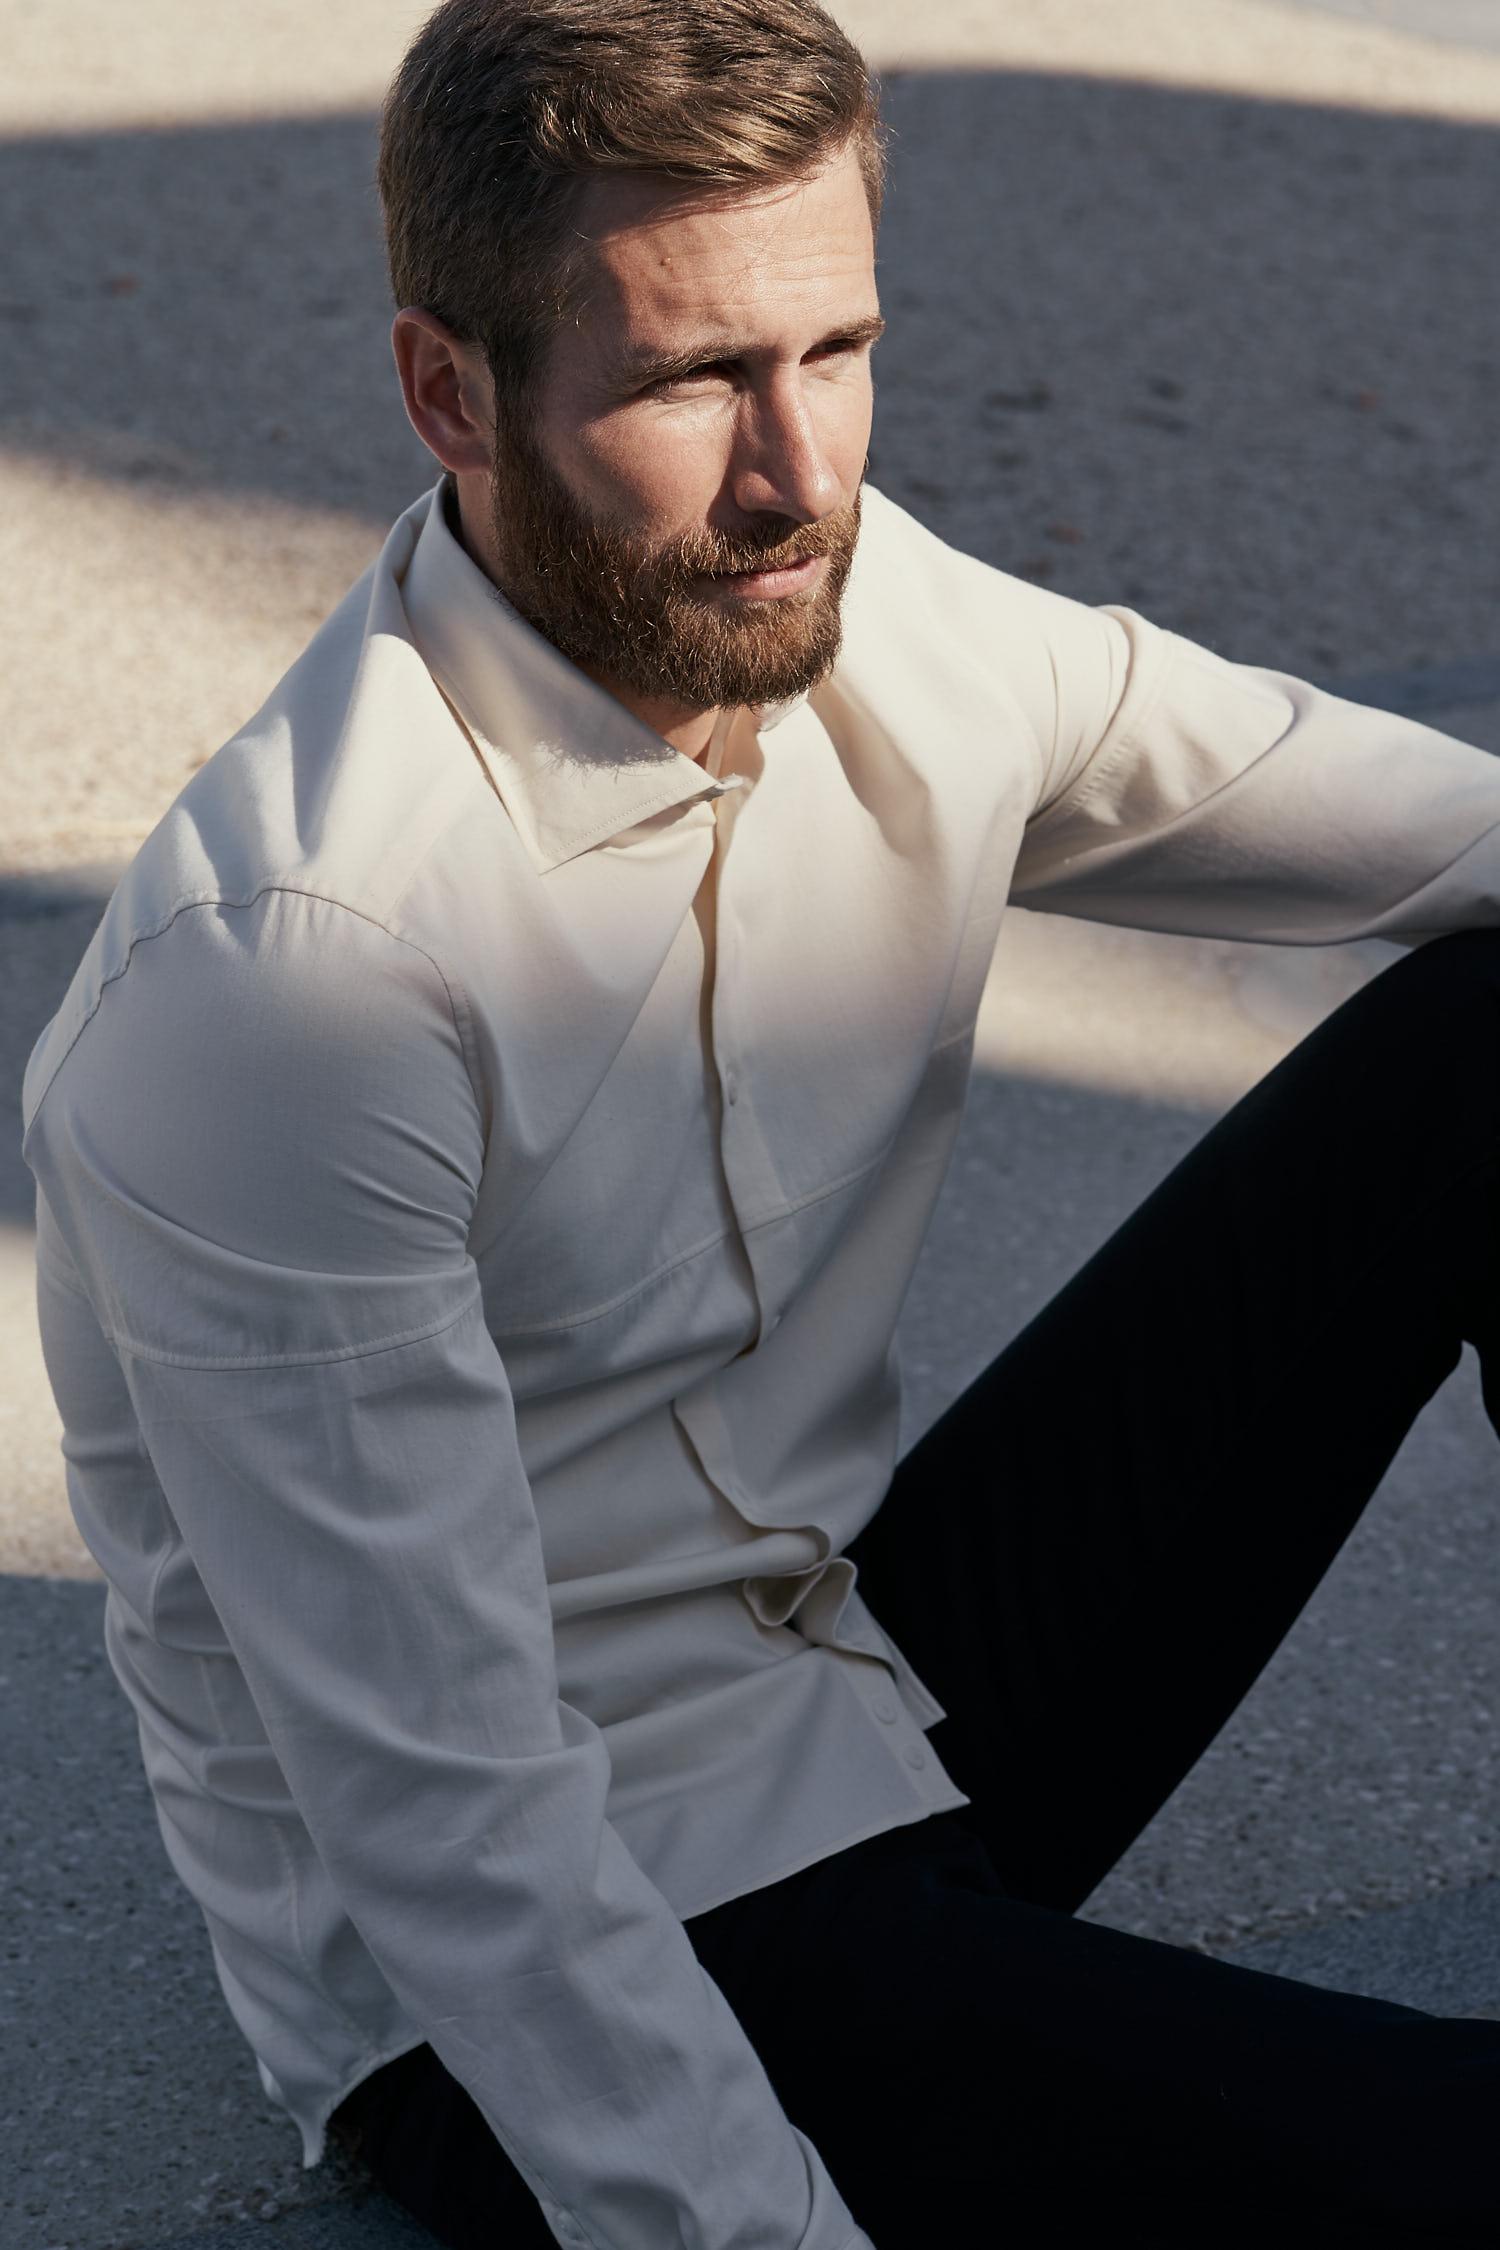 Homme assis portant une chemise  écrue en chambray de coton biologique fabriquée en France par les Ateliers Gauthier. Les boutons sont en corozo